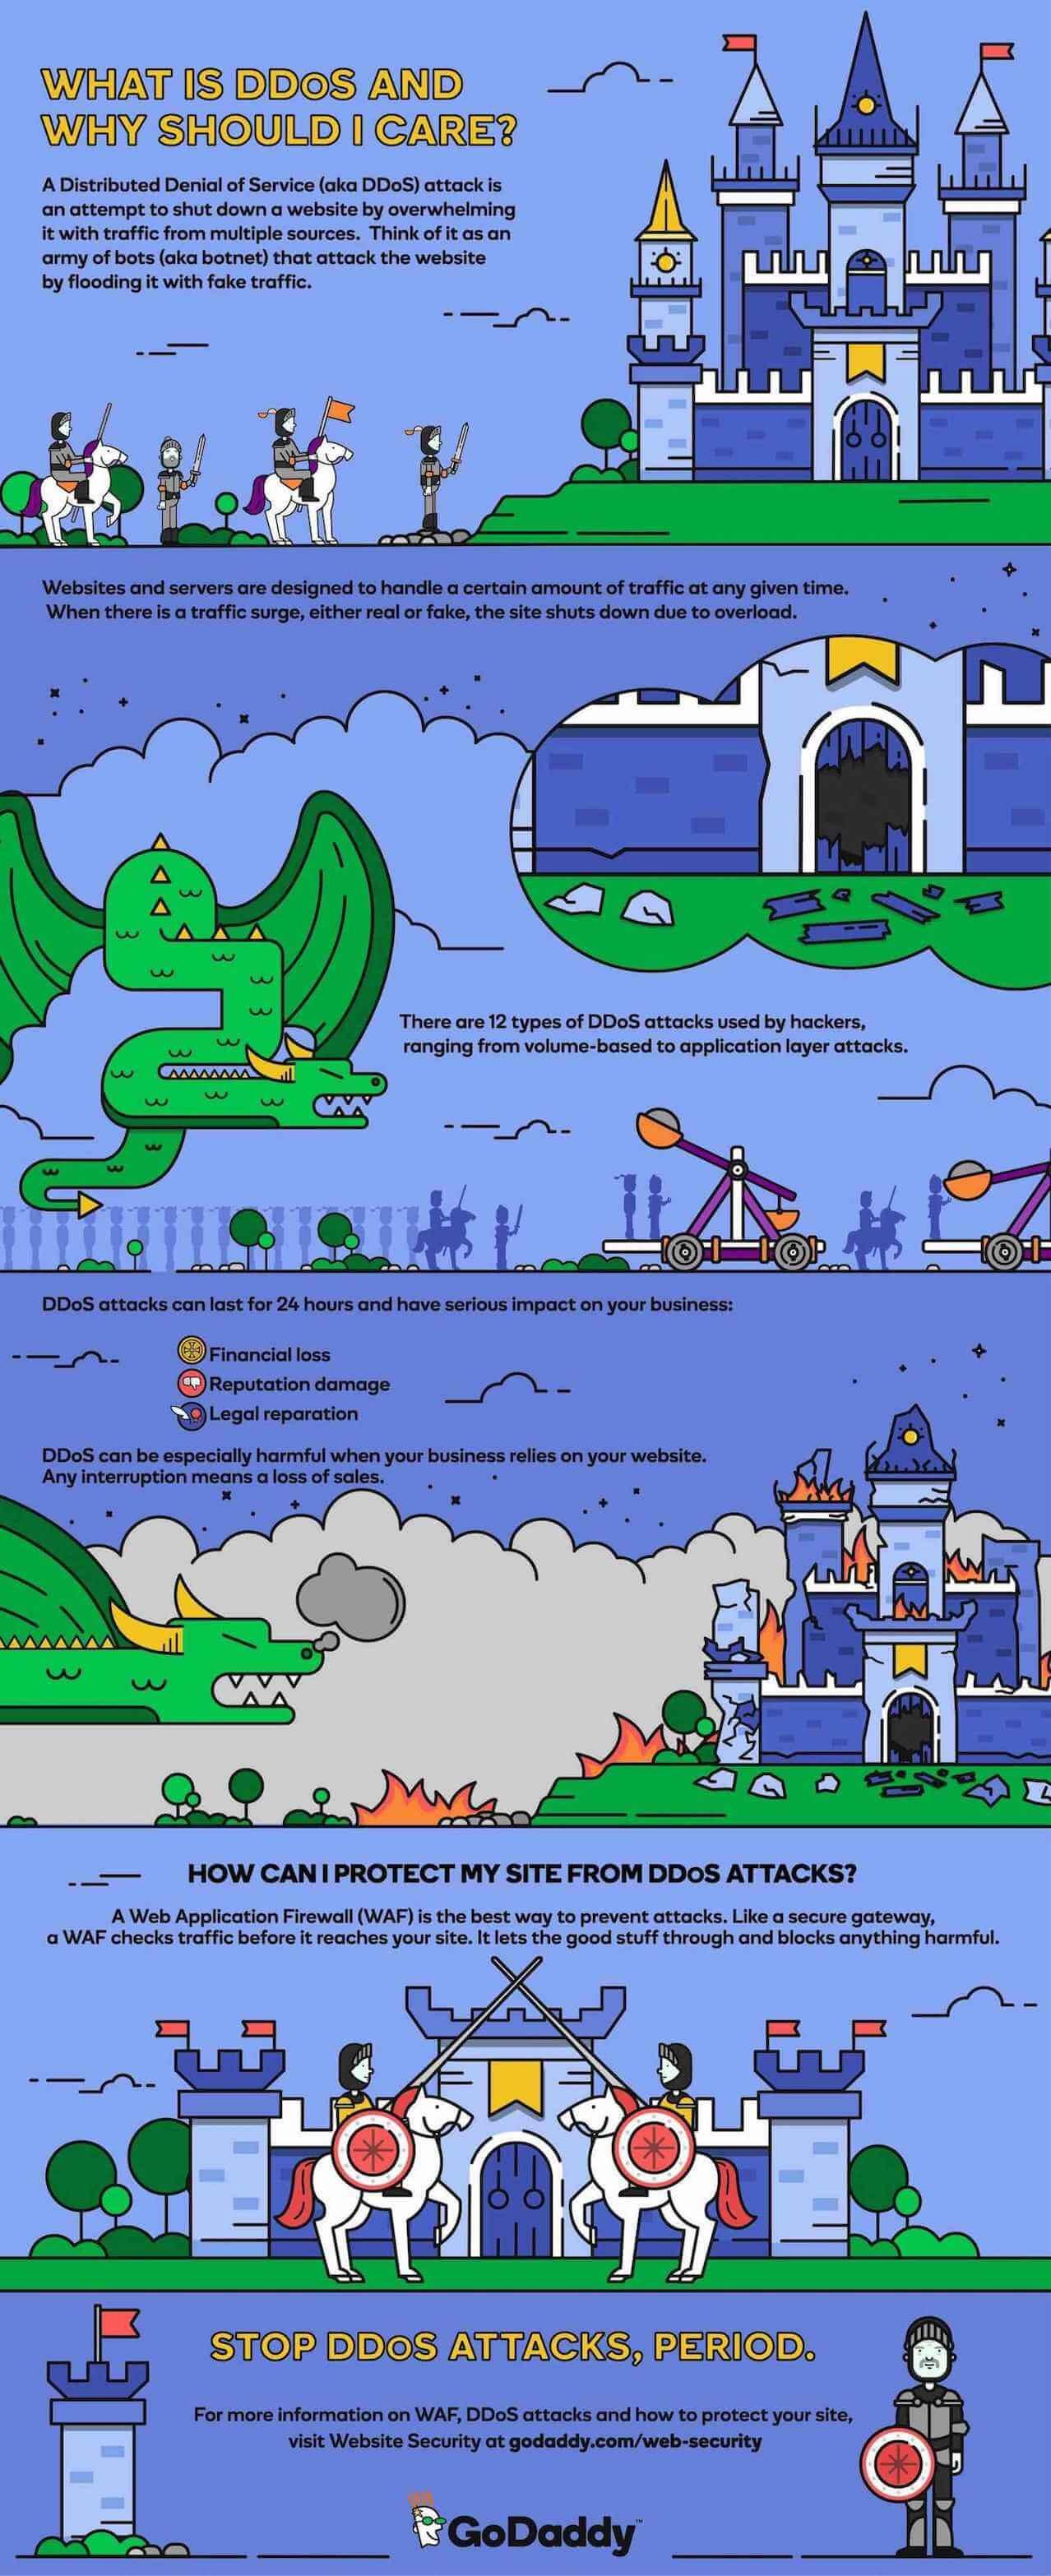 GoDaddy DDoS WAF Infographic